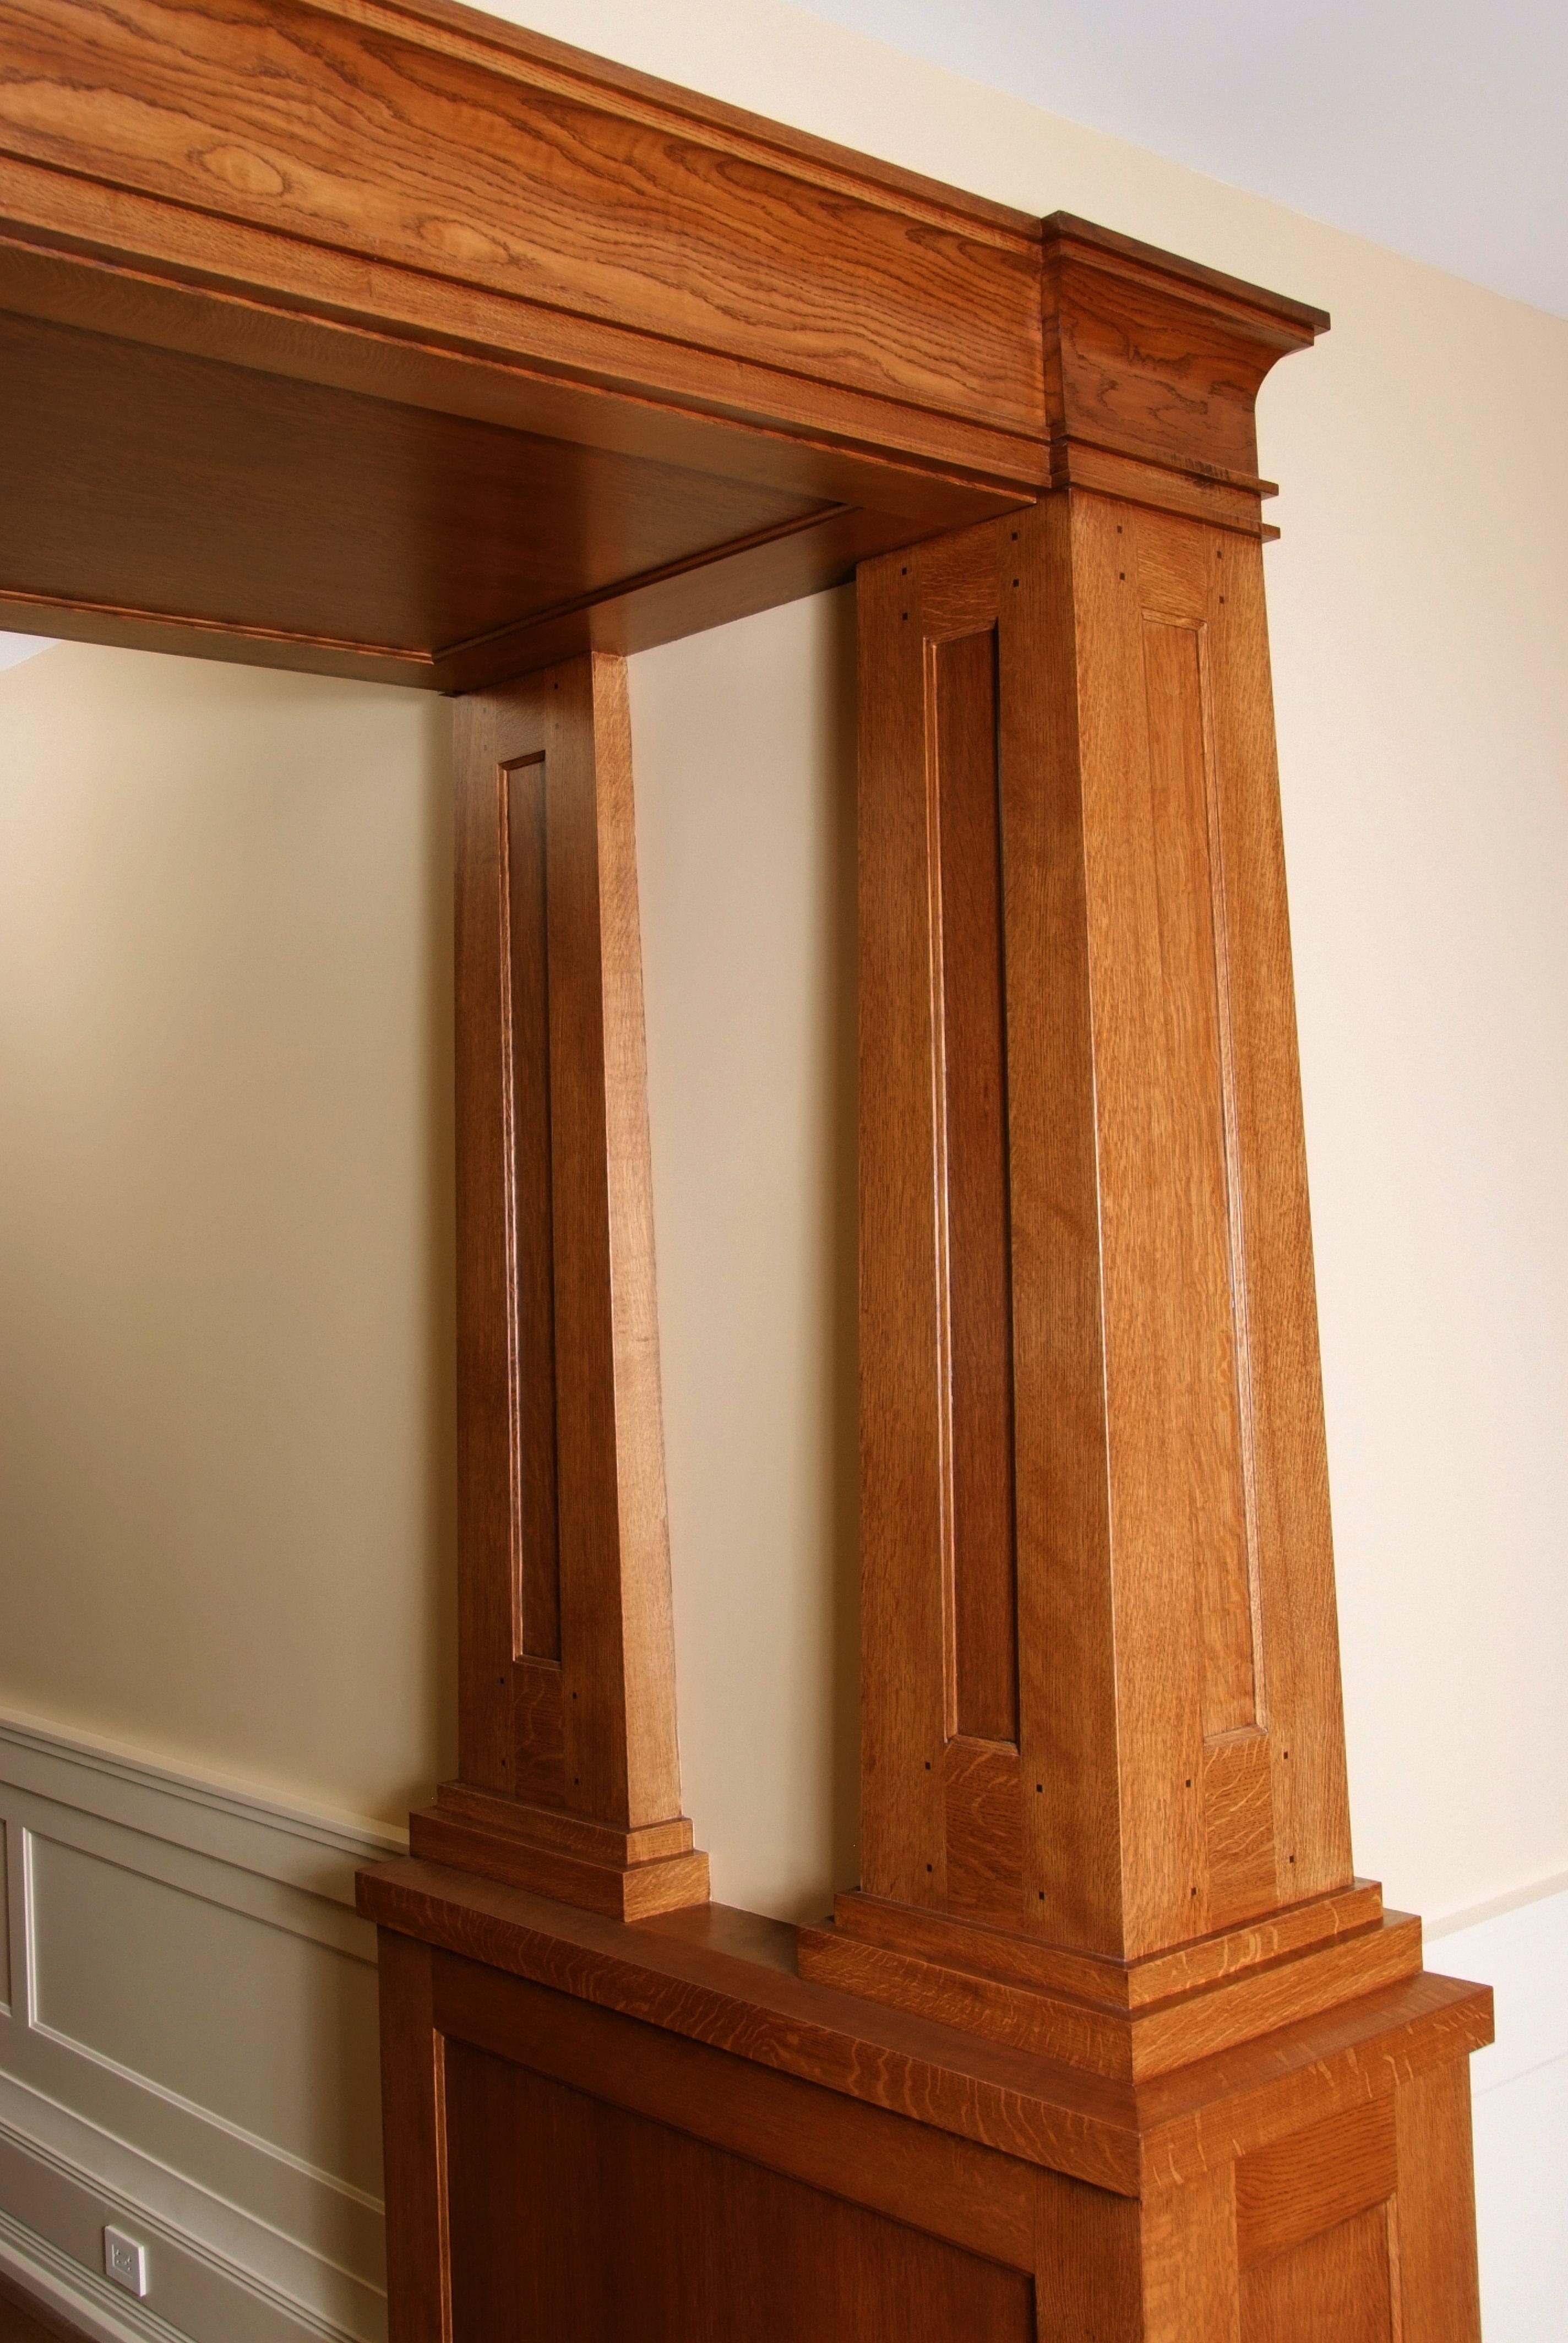 Panel quarter sawn white oak interior door craftsman interior doors - Custom Quarter Sawn White Oak Interior Columns